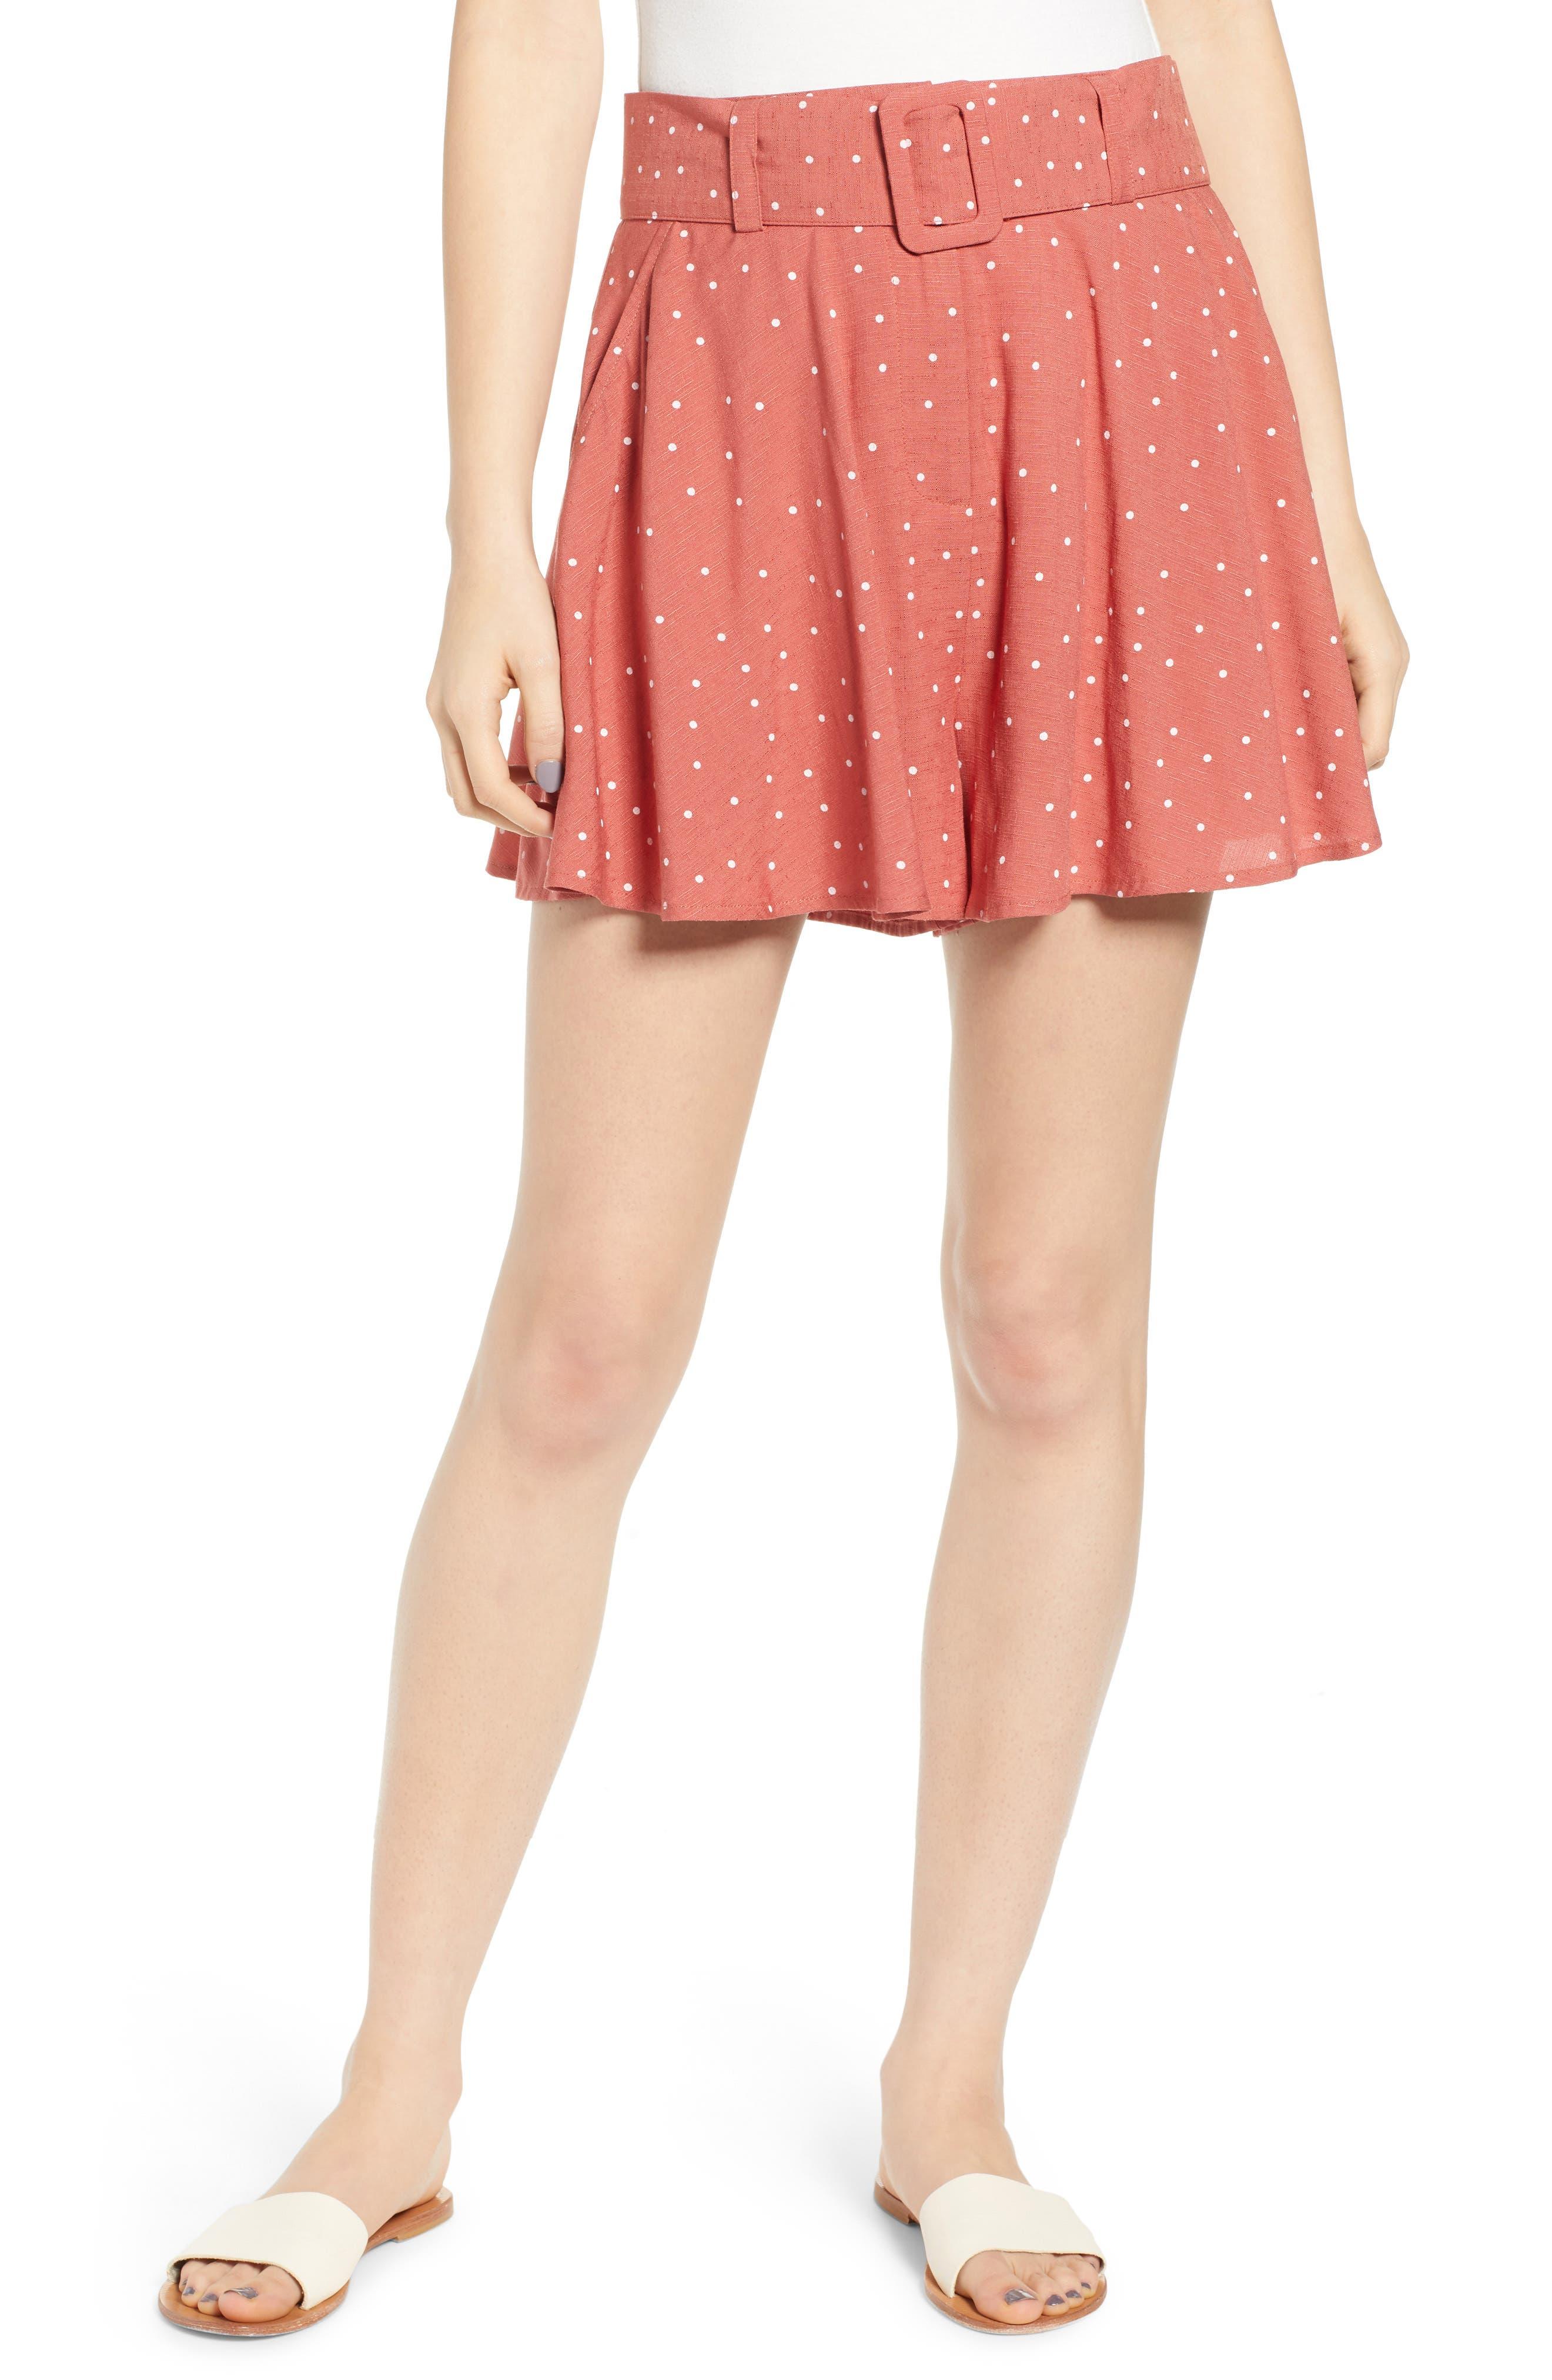 Vintage High Waisted Shorts, Sailor Shorts, Capris Womens Moon River Belted Wide Leg Shorts $54.00 AT vintagedancer.com